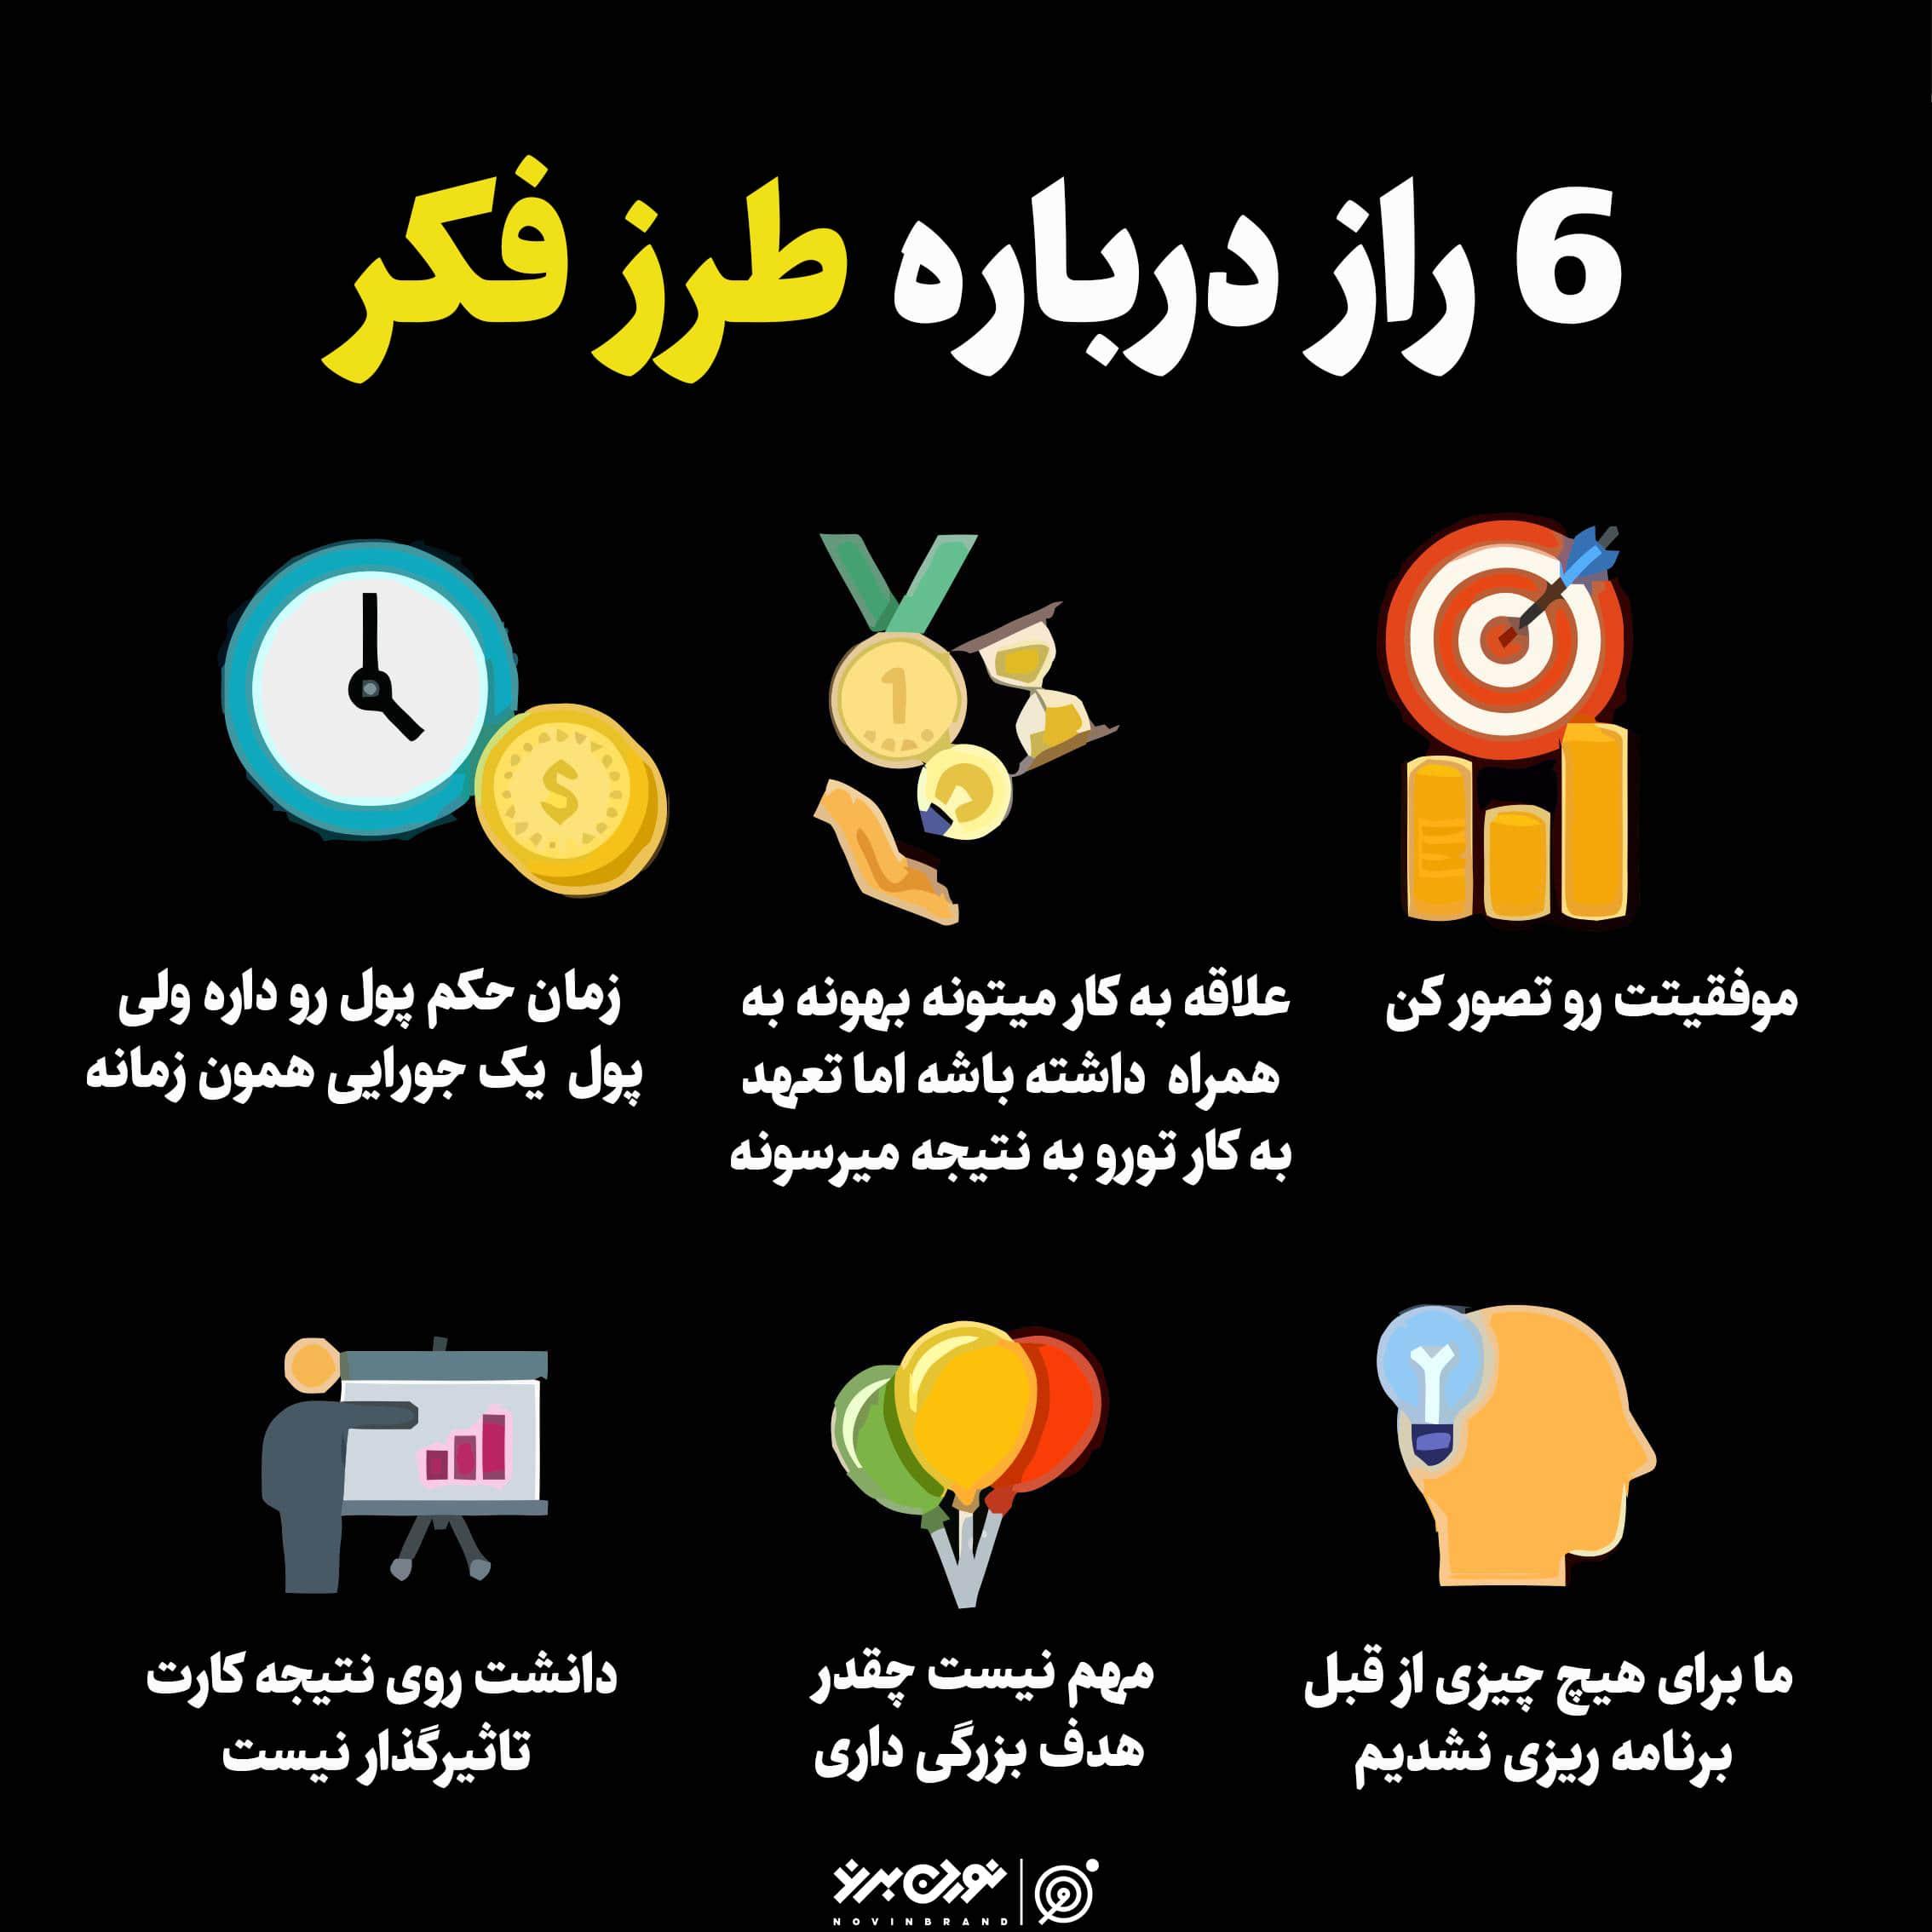 6 راز درباره طرز فکر